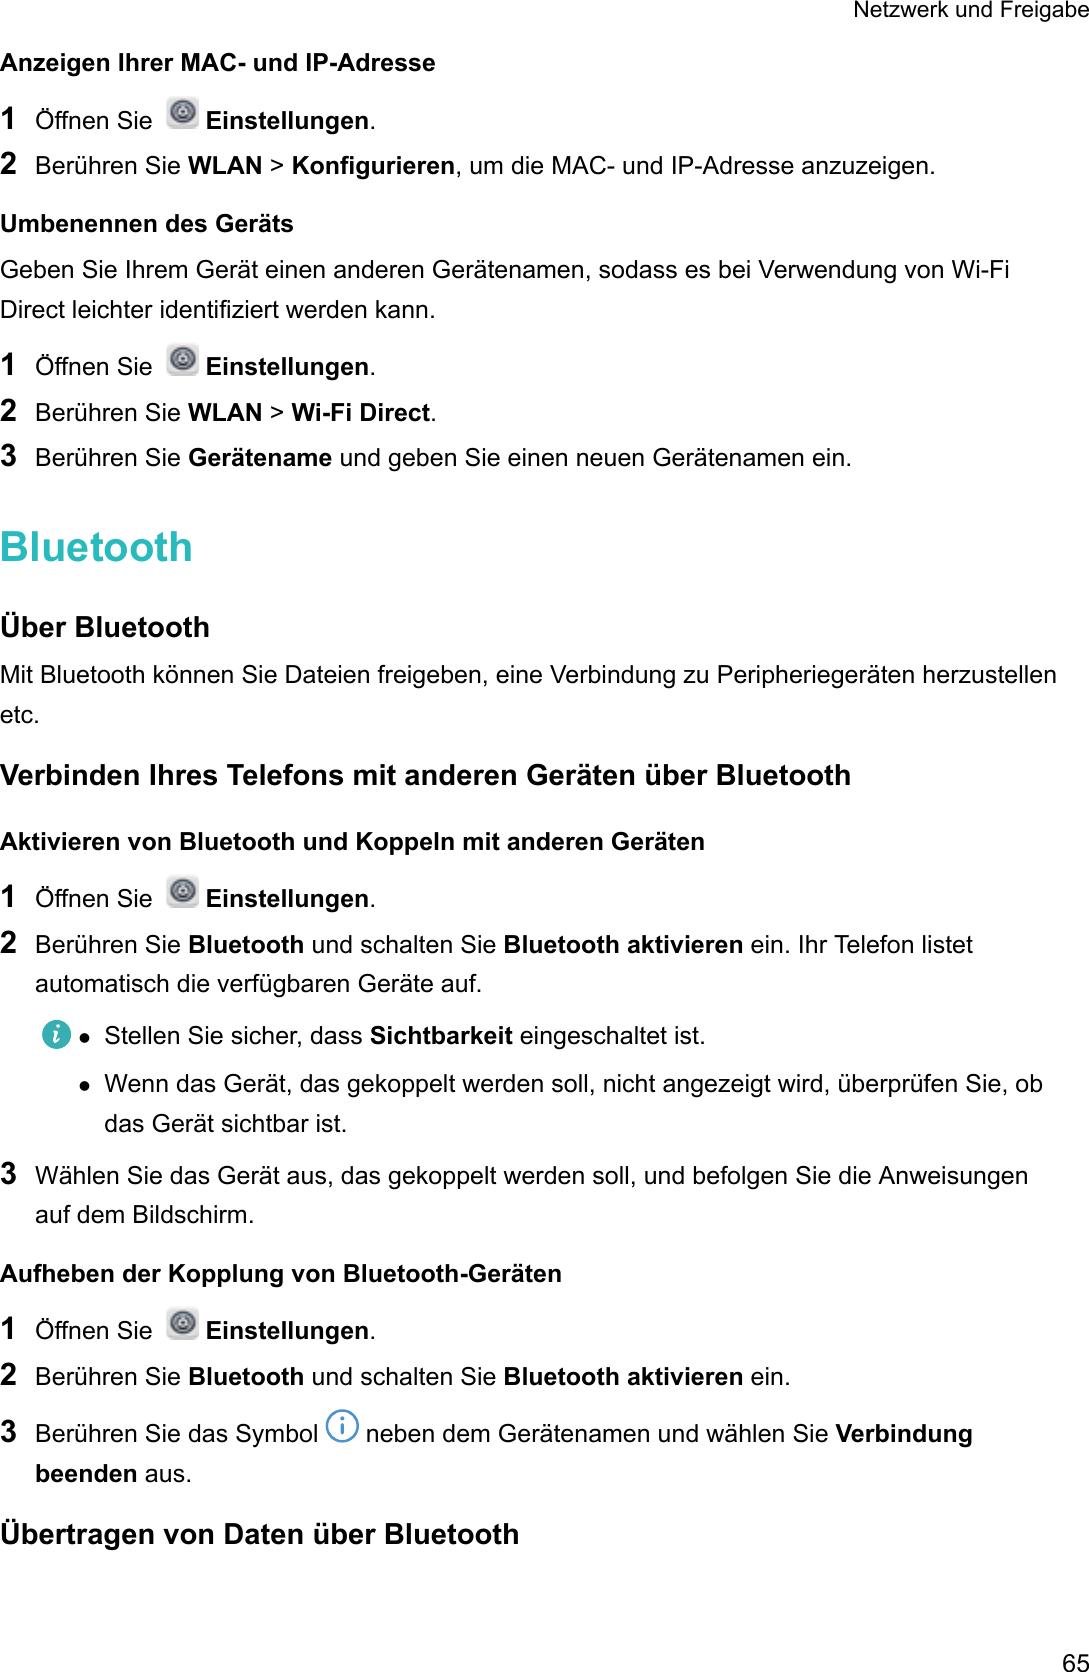 Fantastisch Drahtmutter Spinner Werkzeug Zeitgenössisch - Der ...